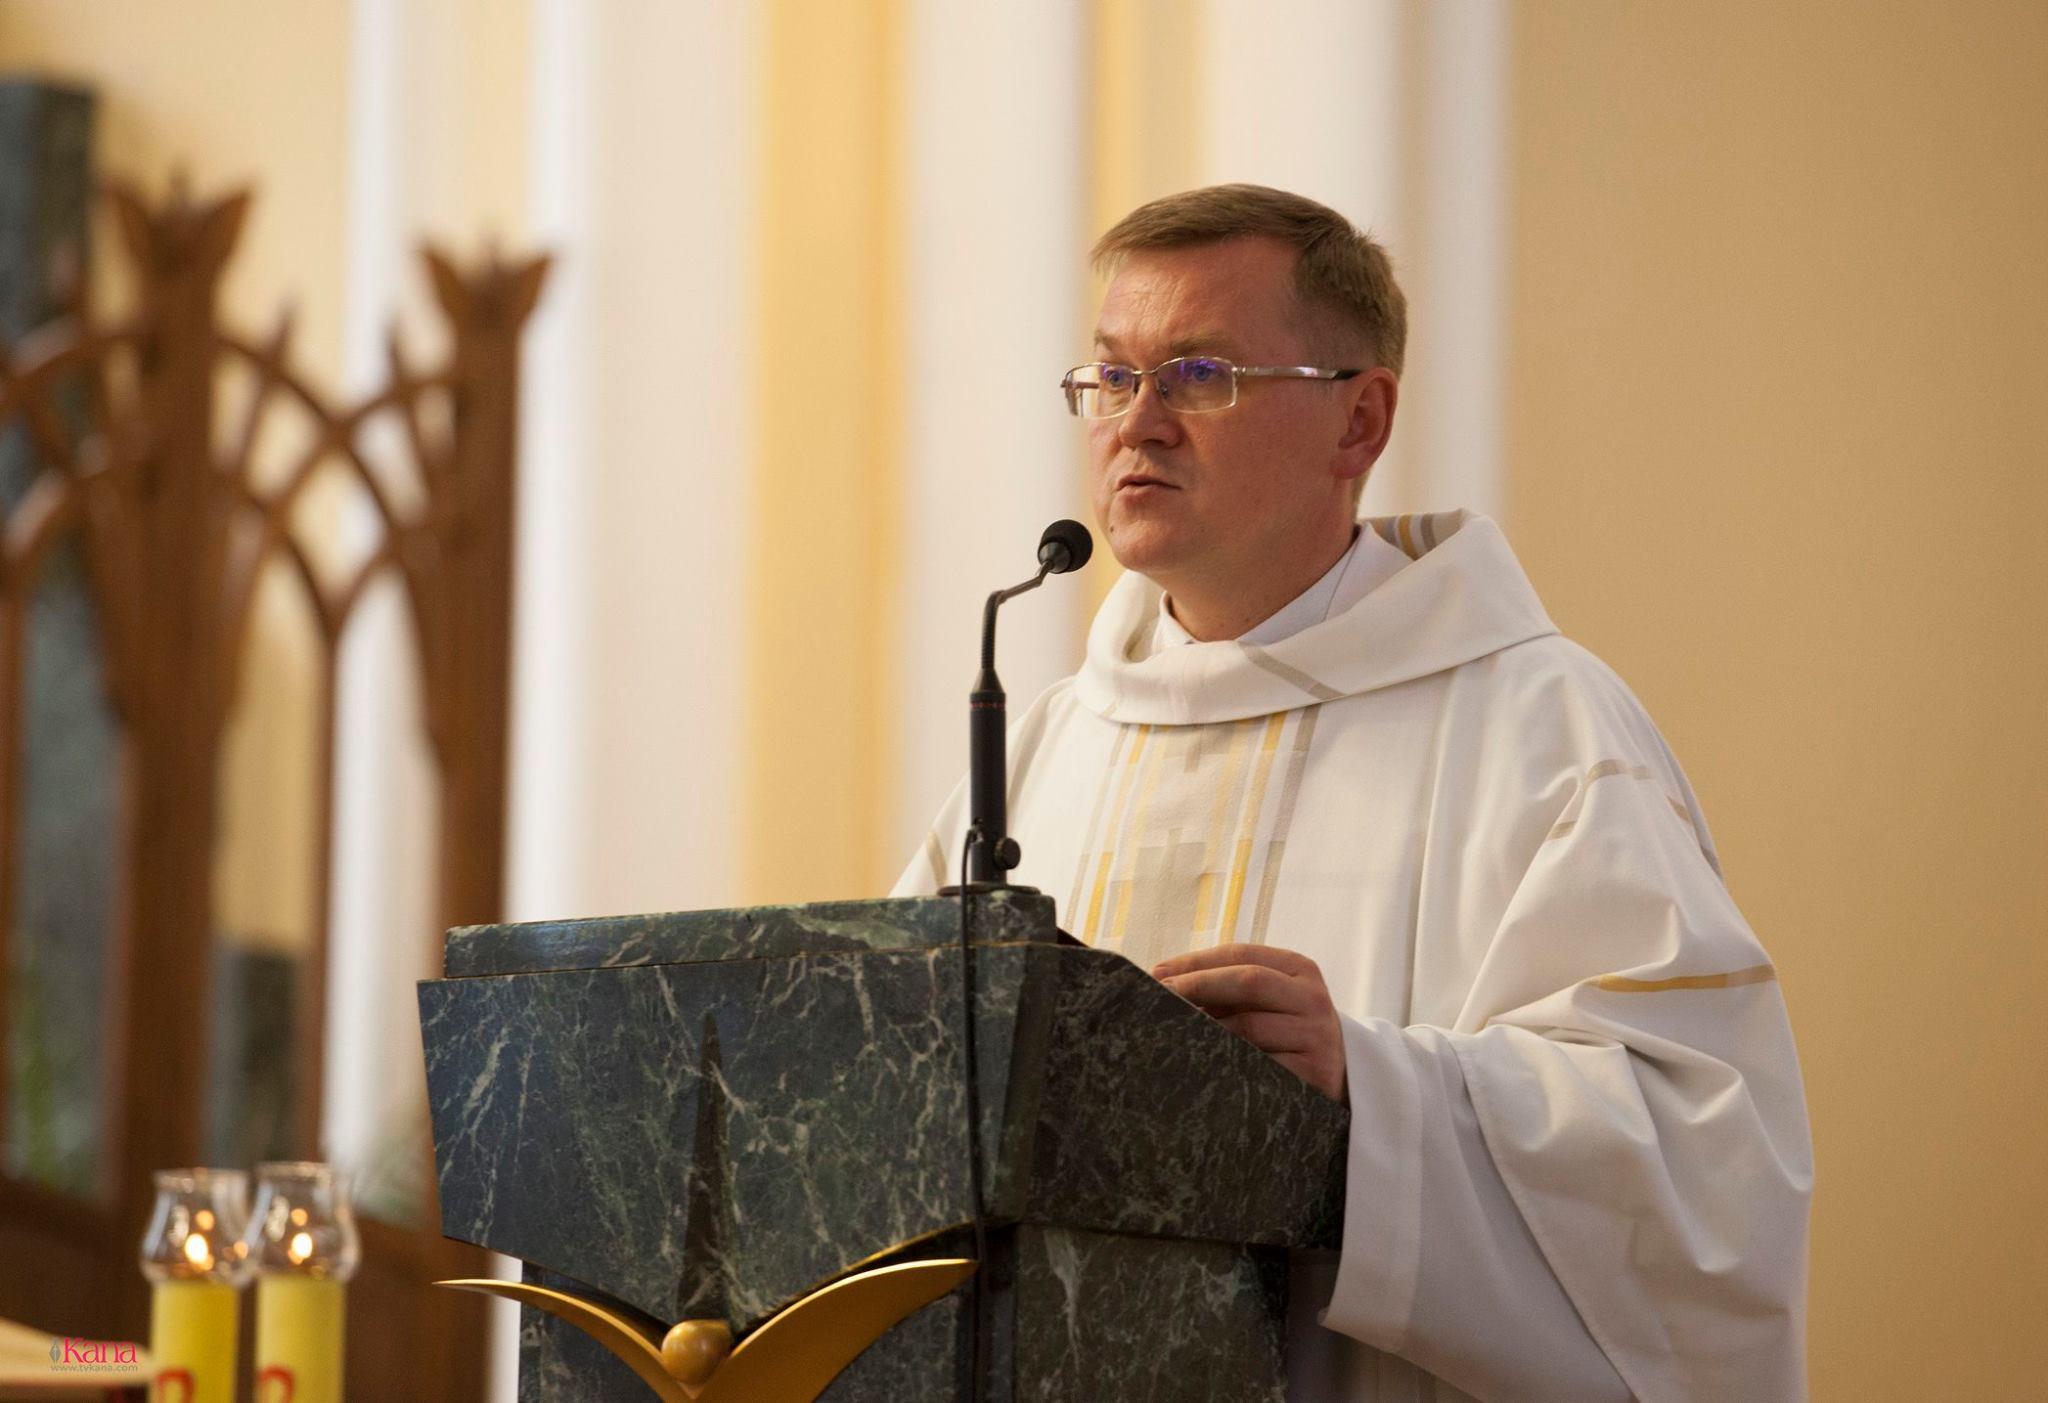 Назначен вспомогательный епископ Архиепархии Божией Матери в Москве